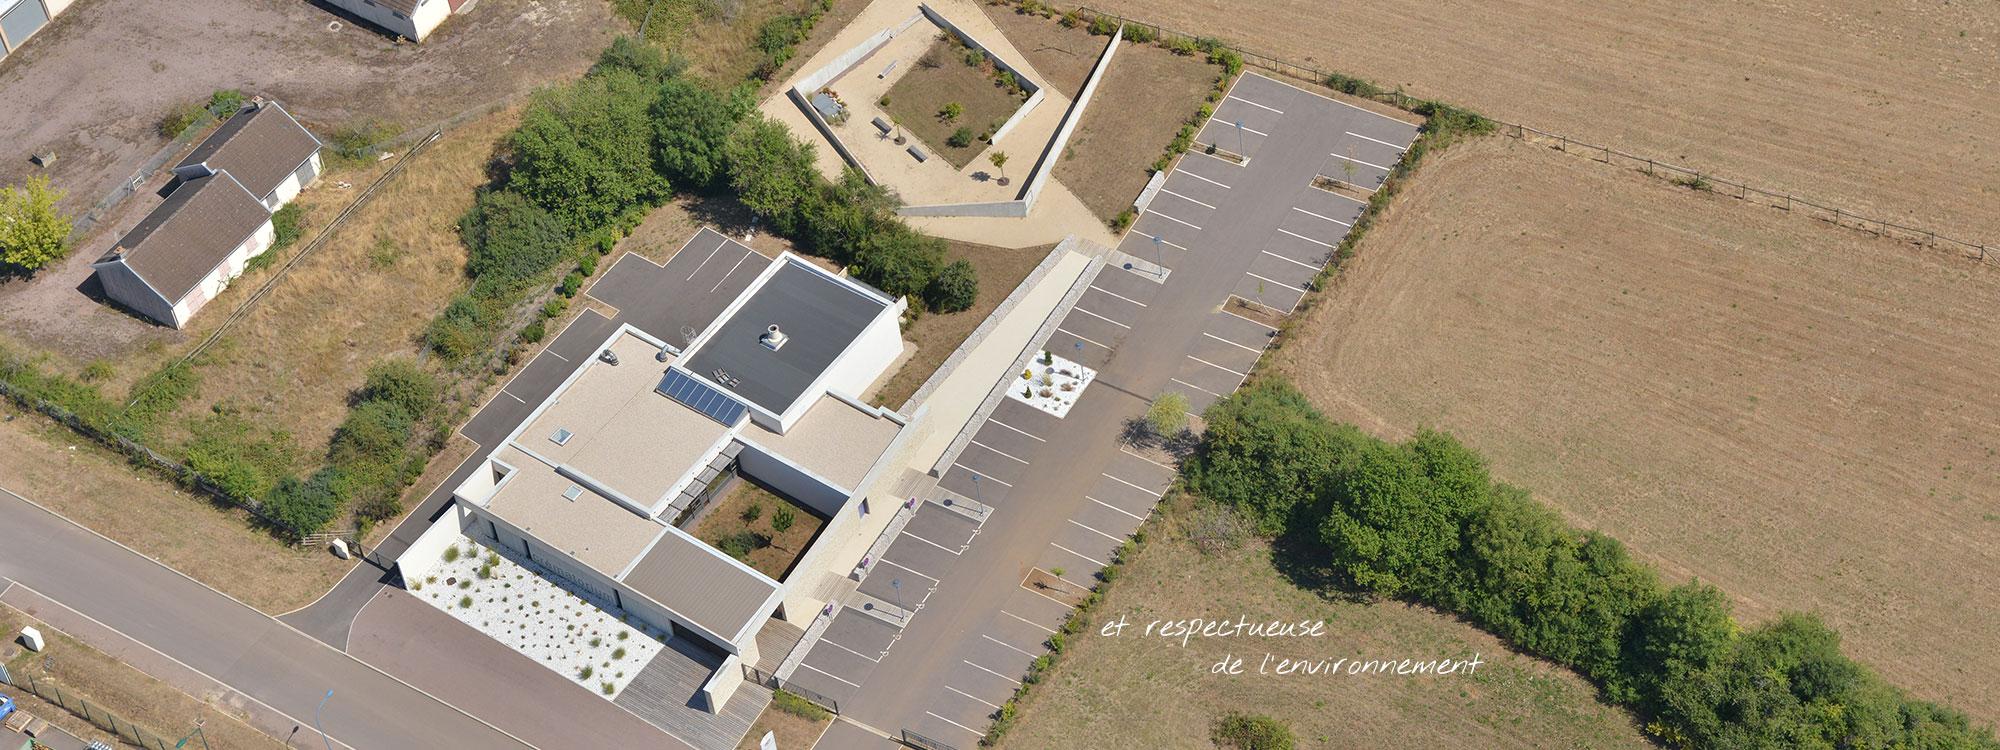 crematorium-auxois-morvan-